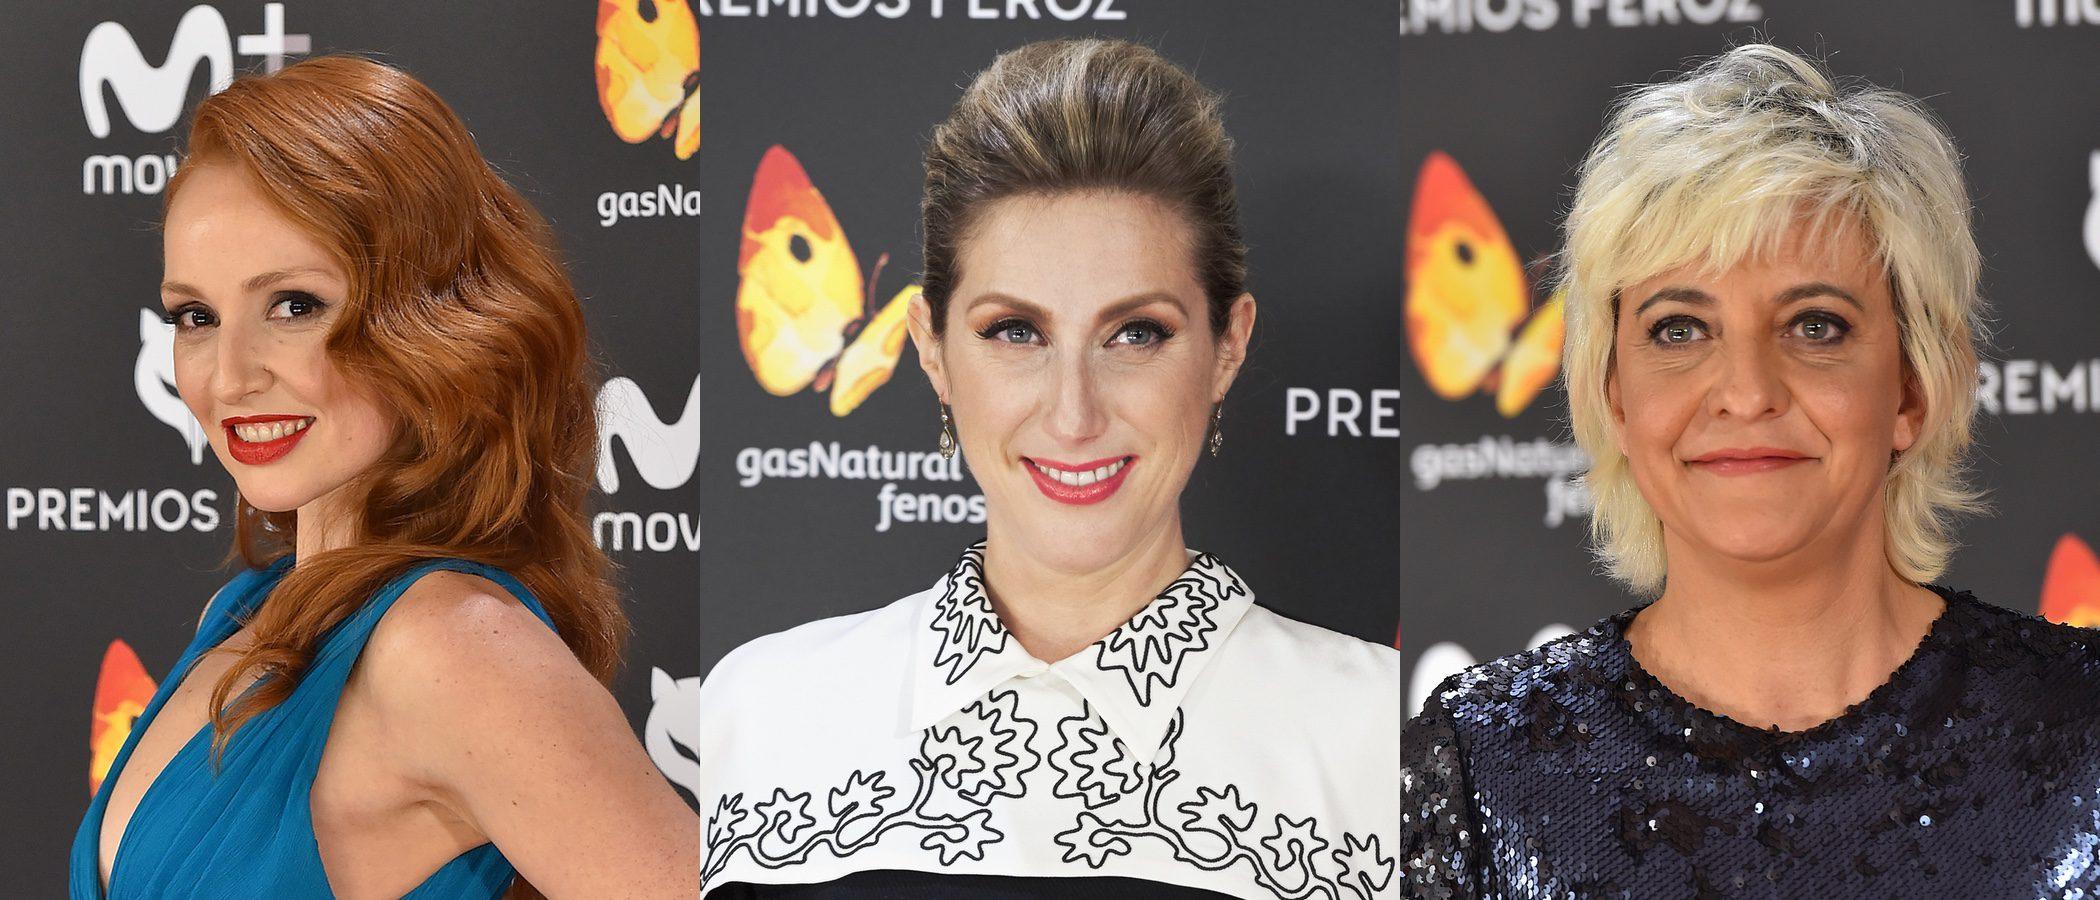 Cristina Castaño, Cecilia Freire y Eva Hache entre los peores beauty looks de los Premios Feroz 2017